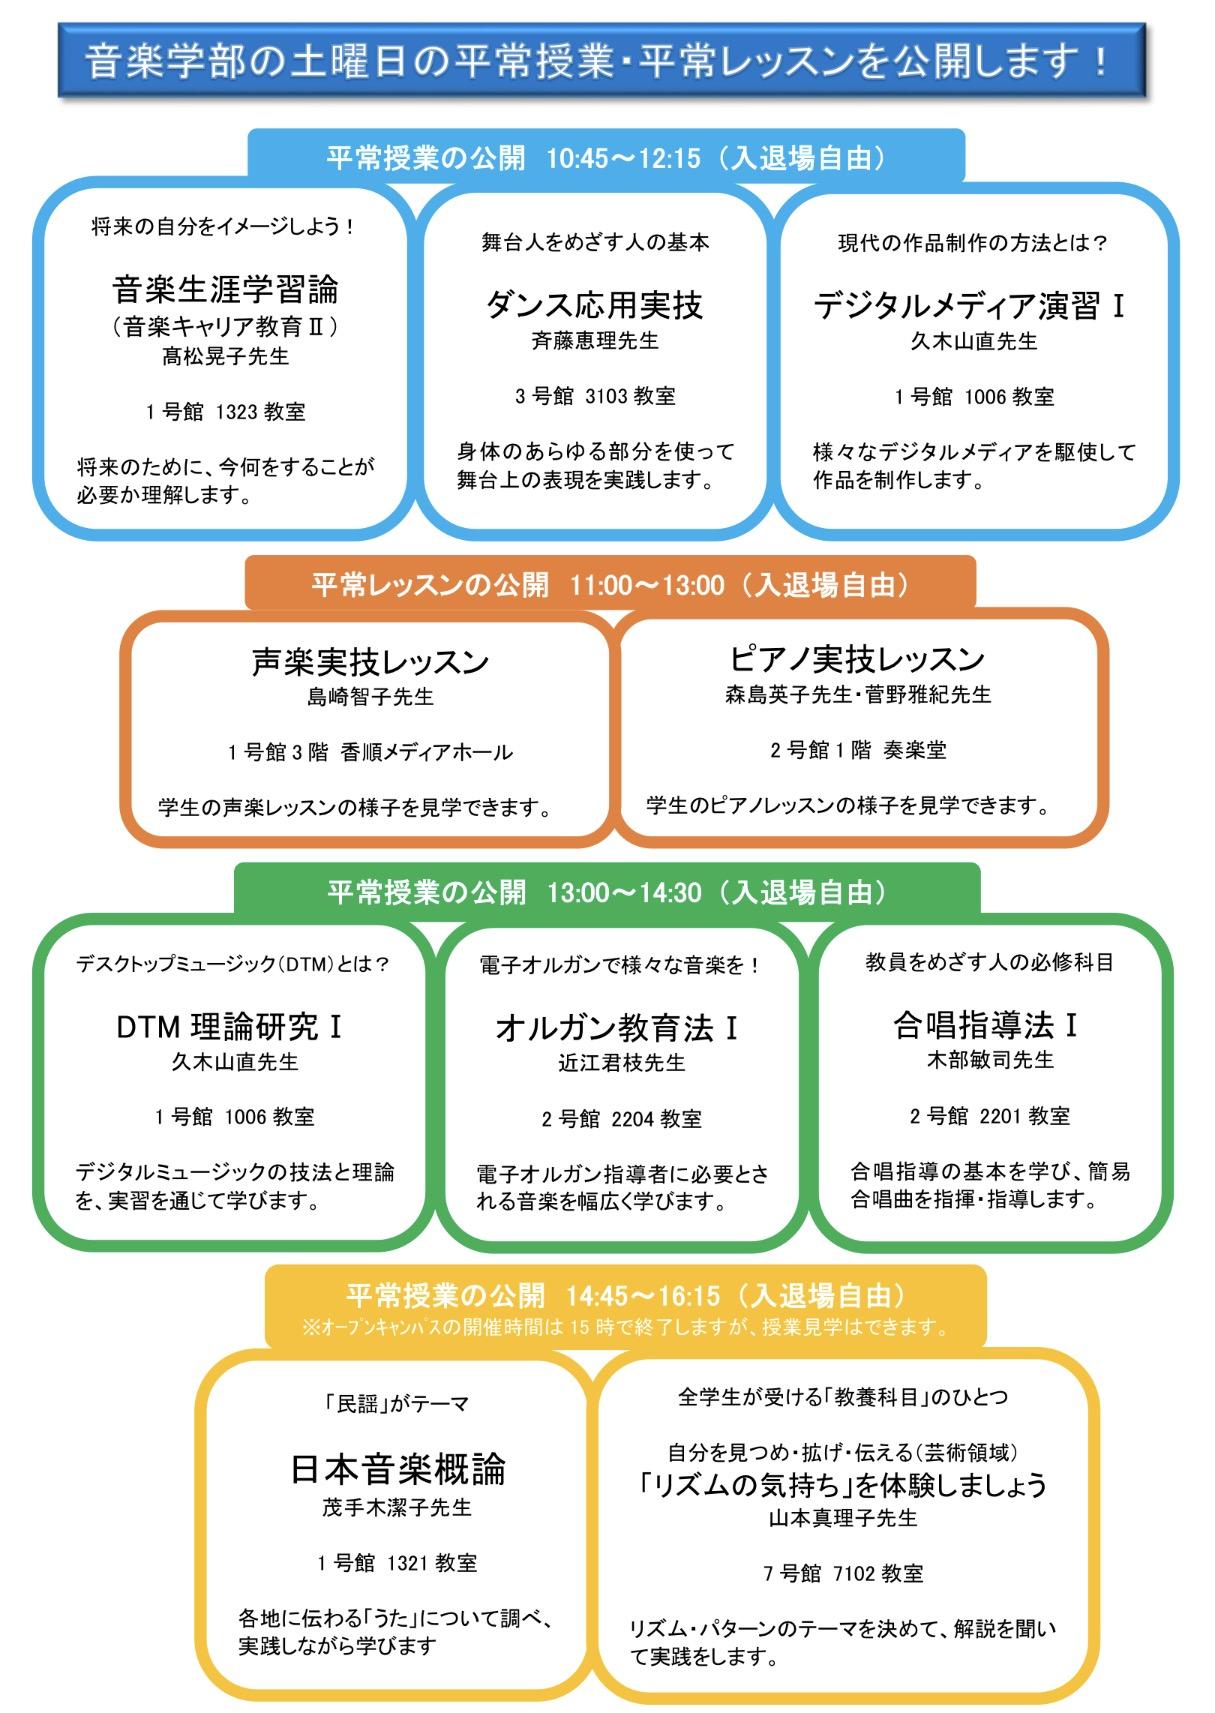 4月29日(土・祝)オープンキャンパスを開催します!(予告)